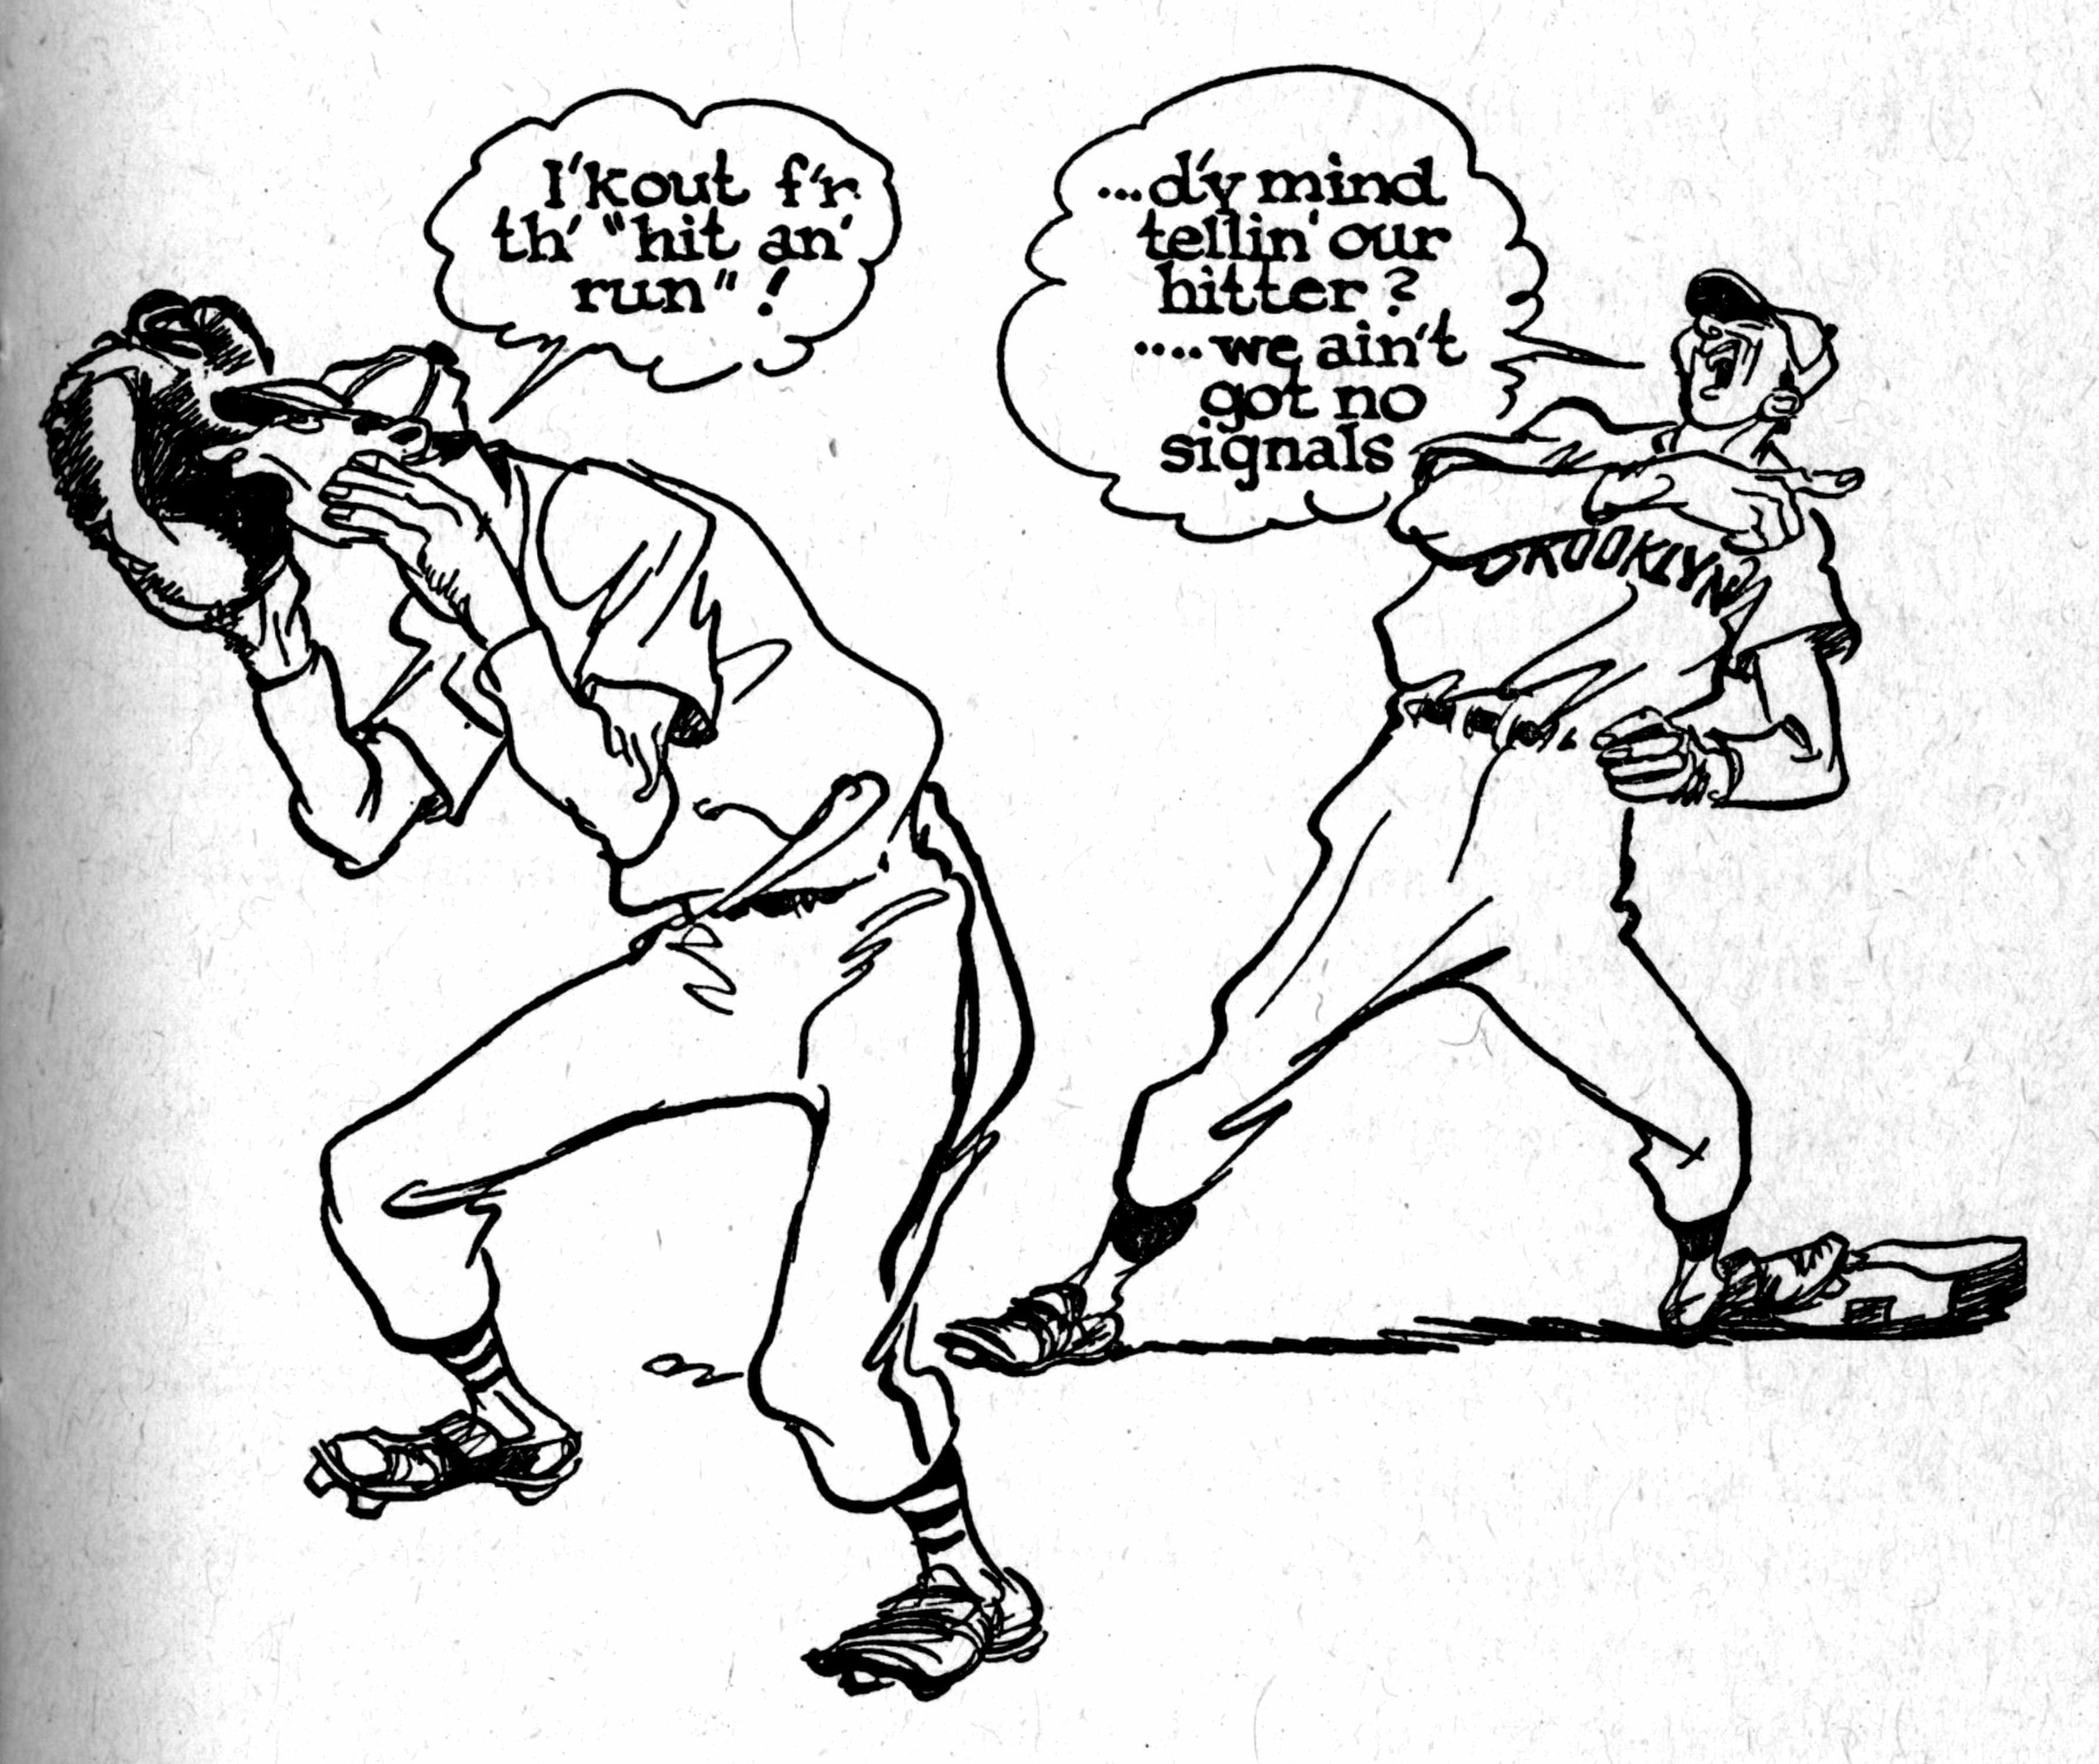 Drawn baseball cartoon By first Willard Mullin Baseball